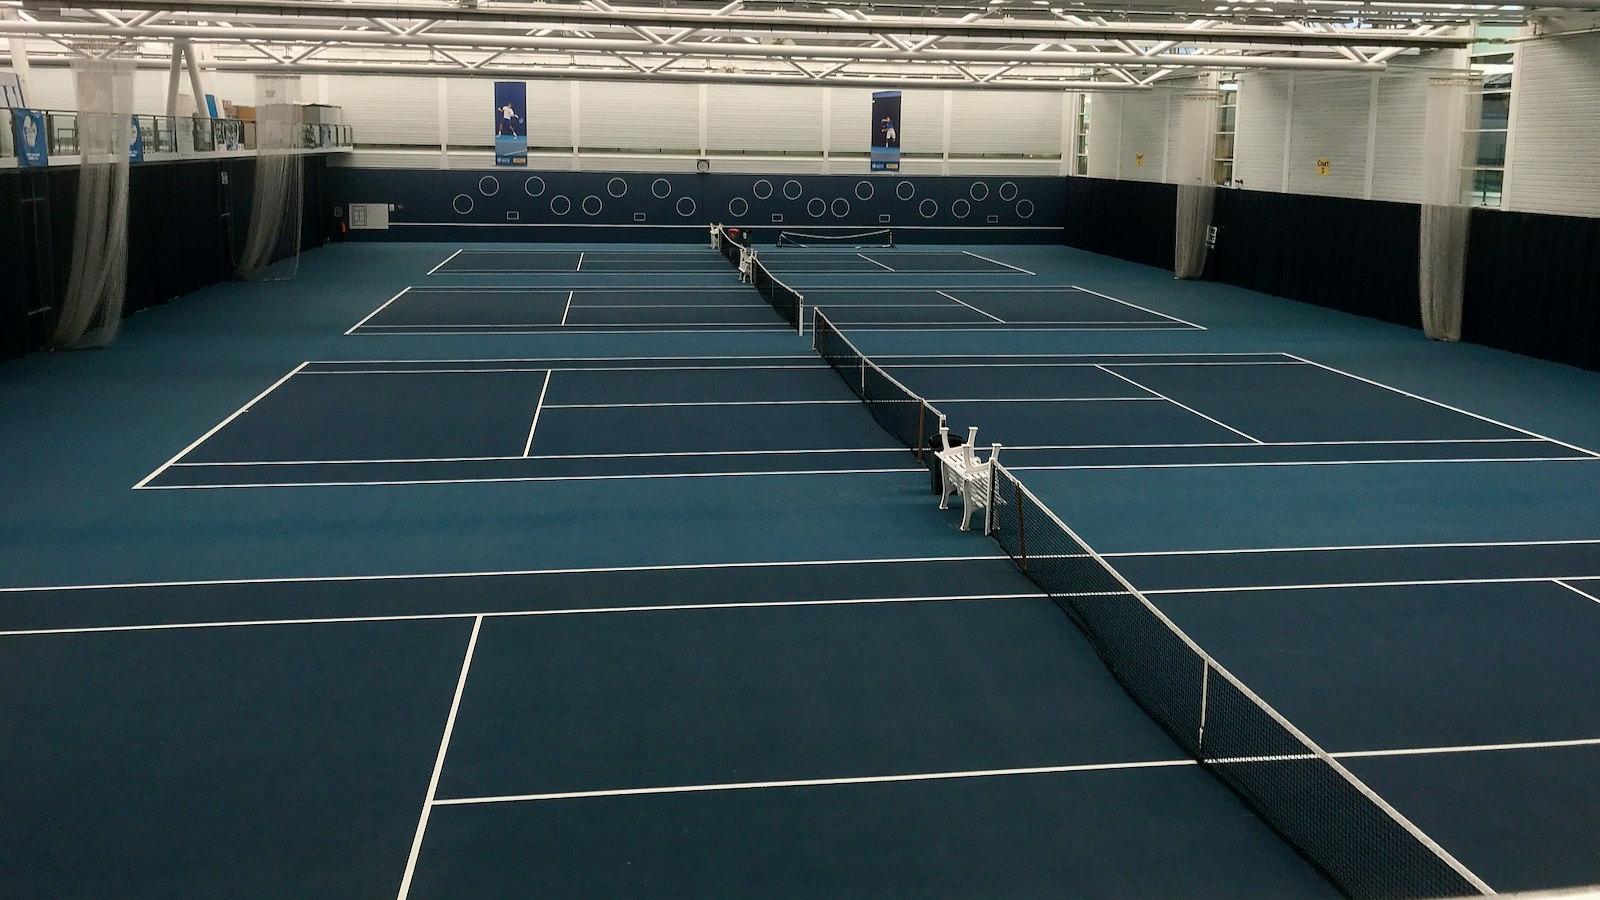 在Team Bath运动训练村的室内网球场